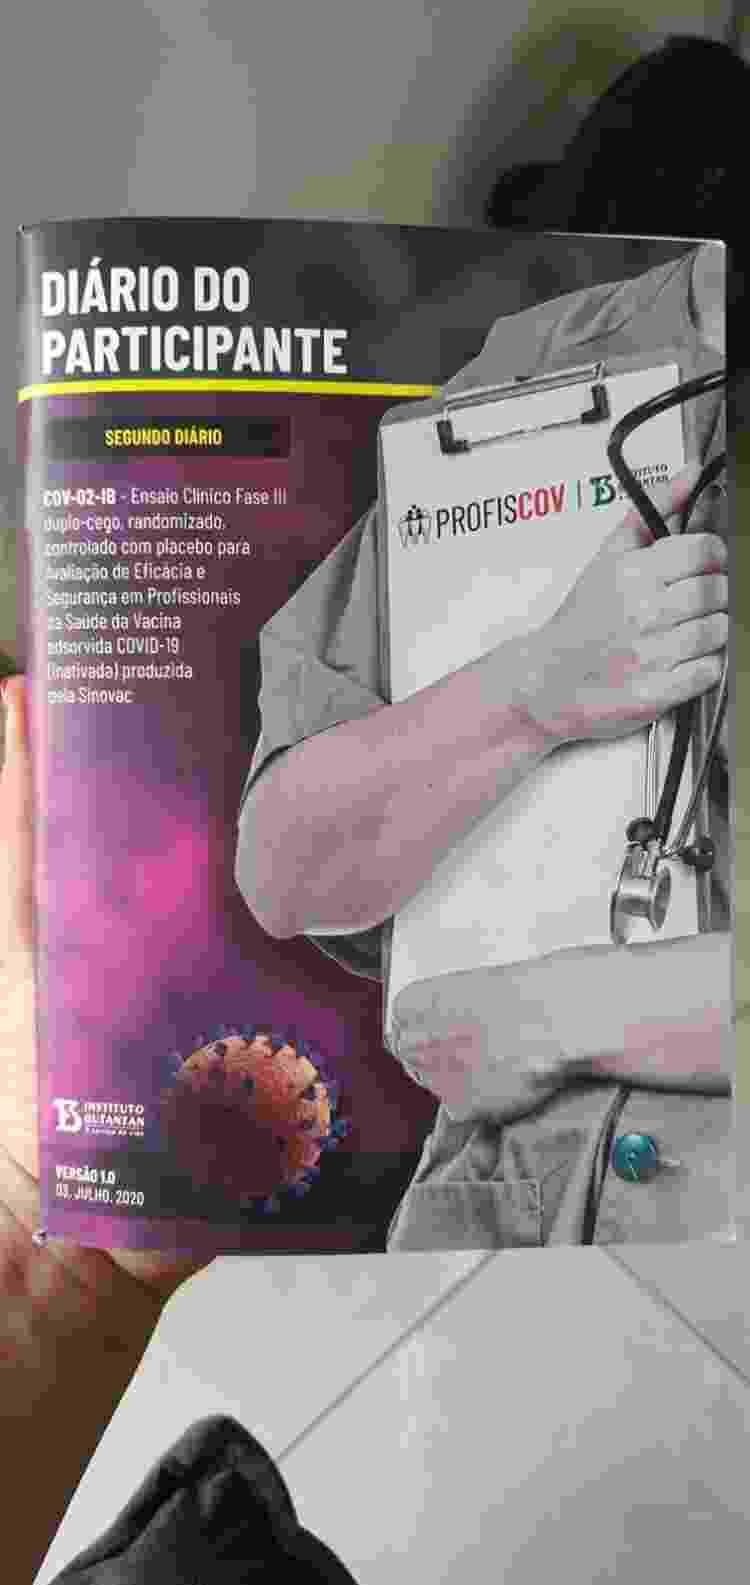 diário do participante dos estudos da CoronaVac - Arquivo pessoal - Arquivo pessoal